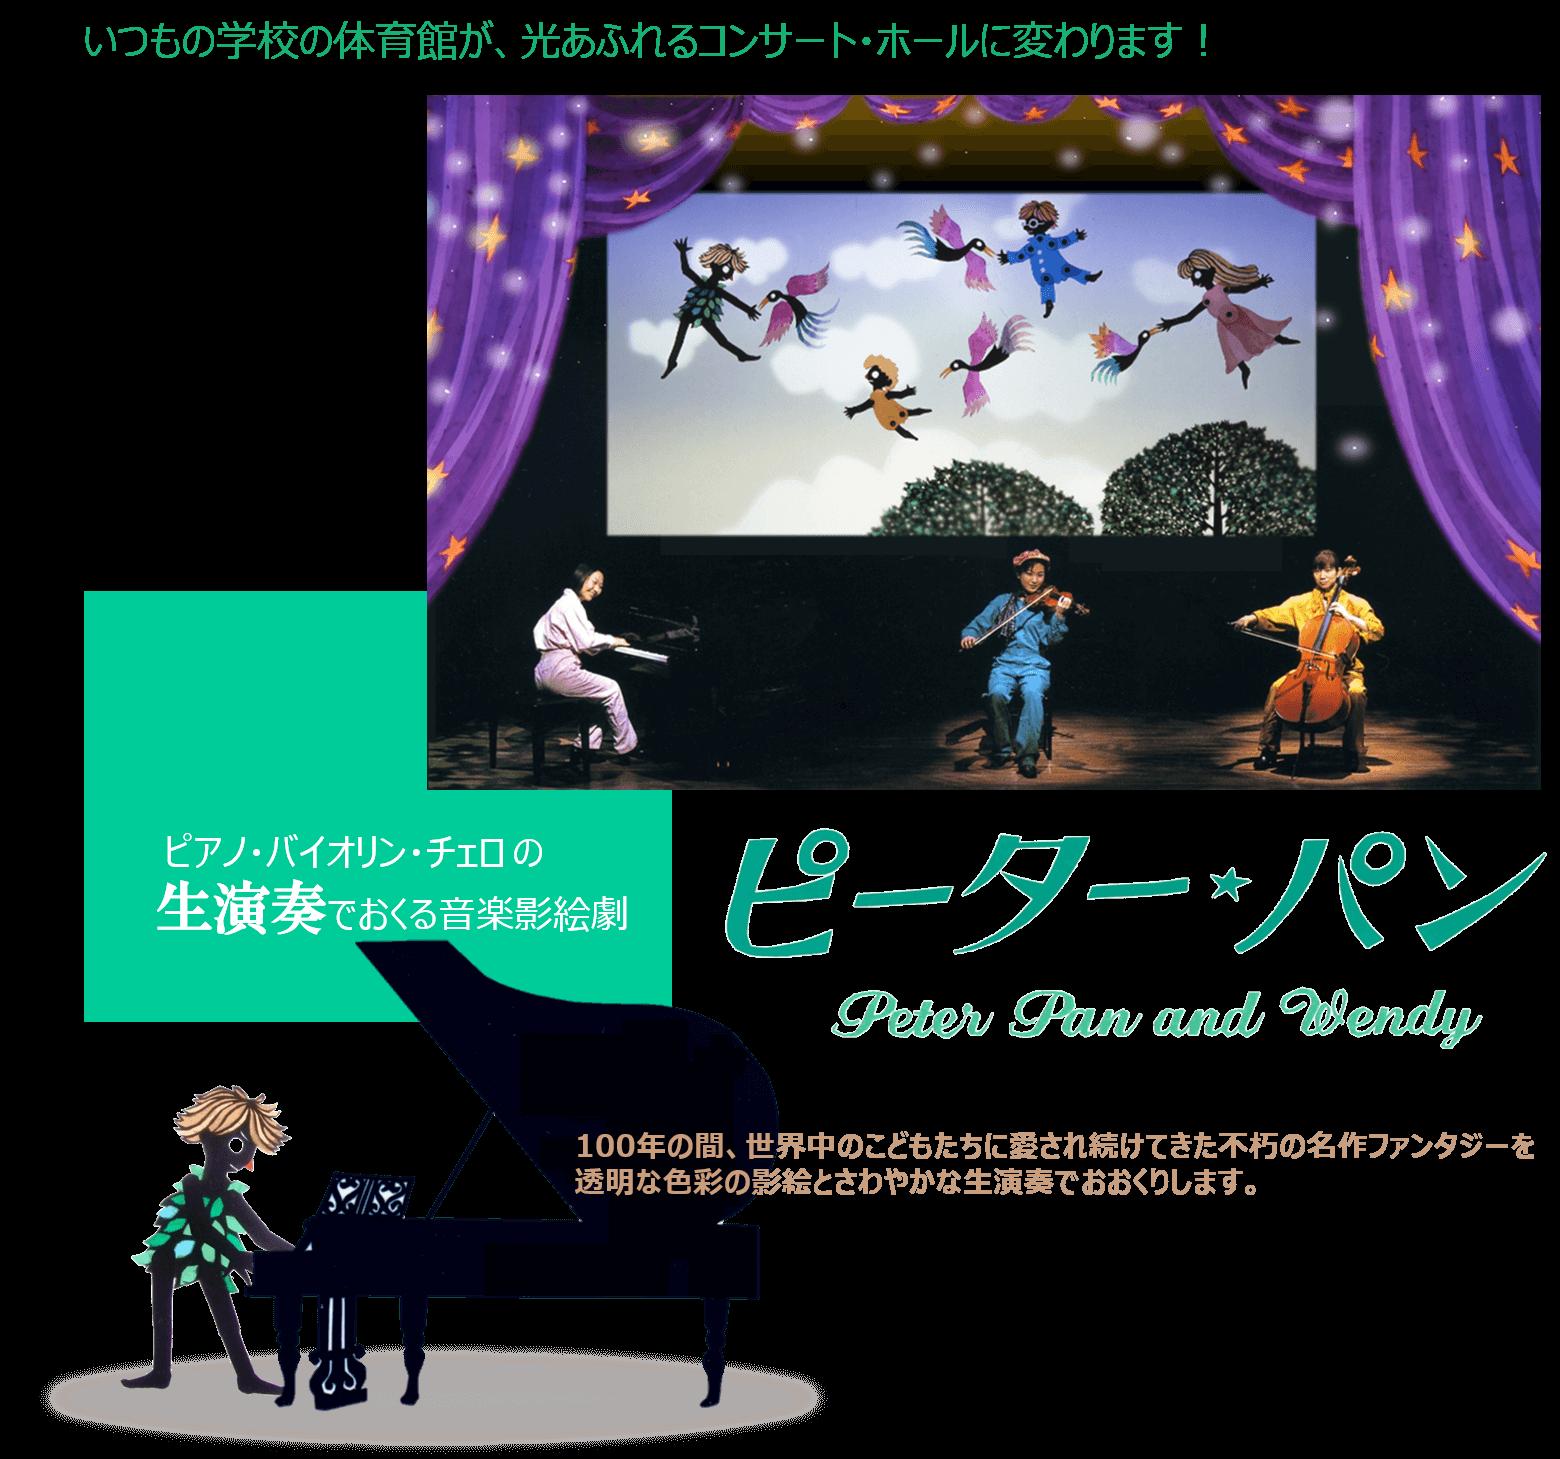 音楽鑑賞 芸術鑑賞 生演奏 影絵劇 ピーター・パン (1)